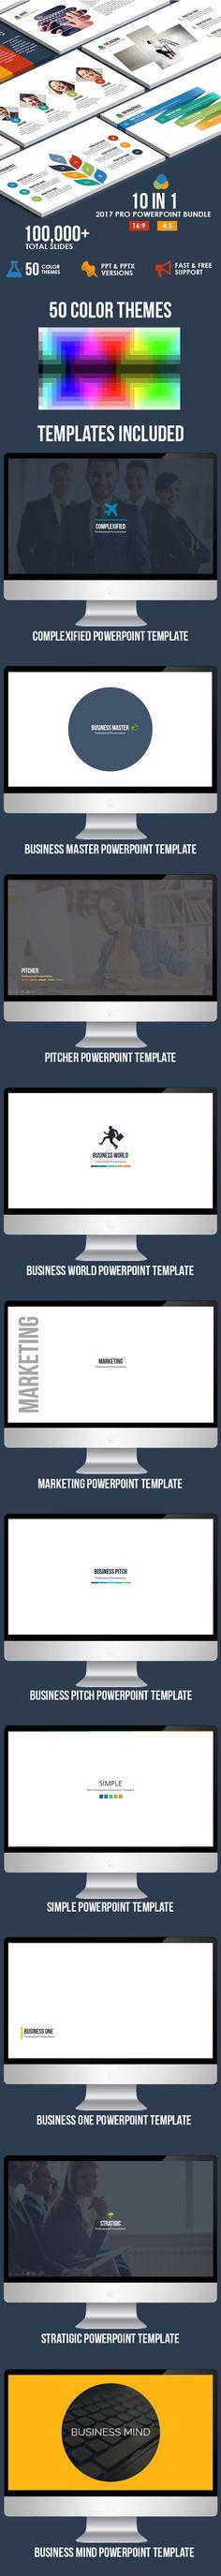 10 IN 1 - 2017 Pro Powerpoint Bundle